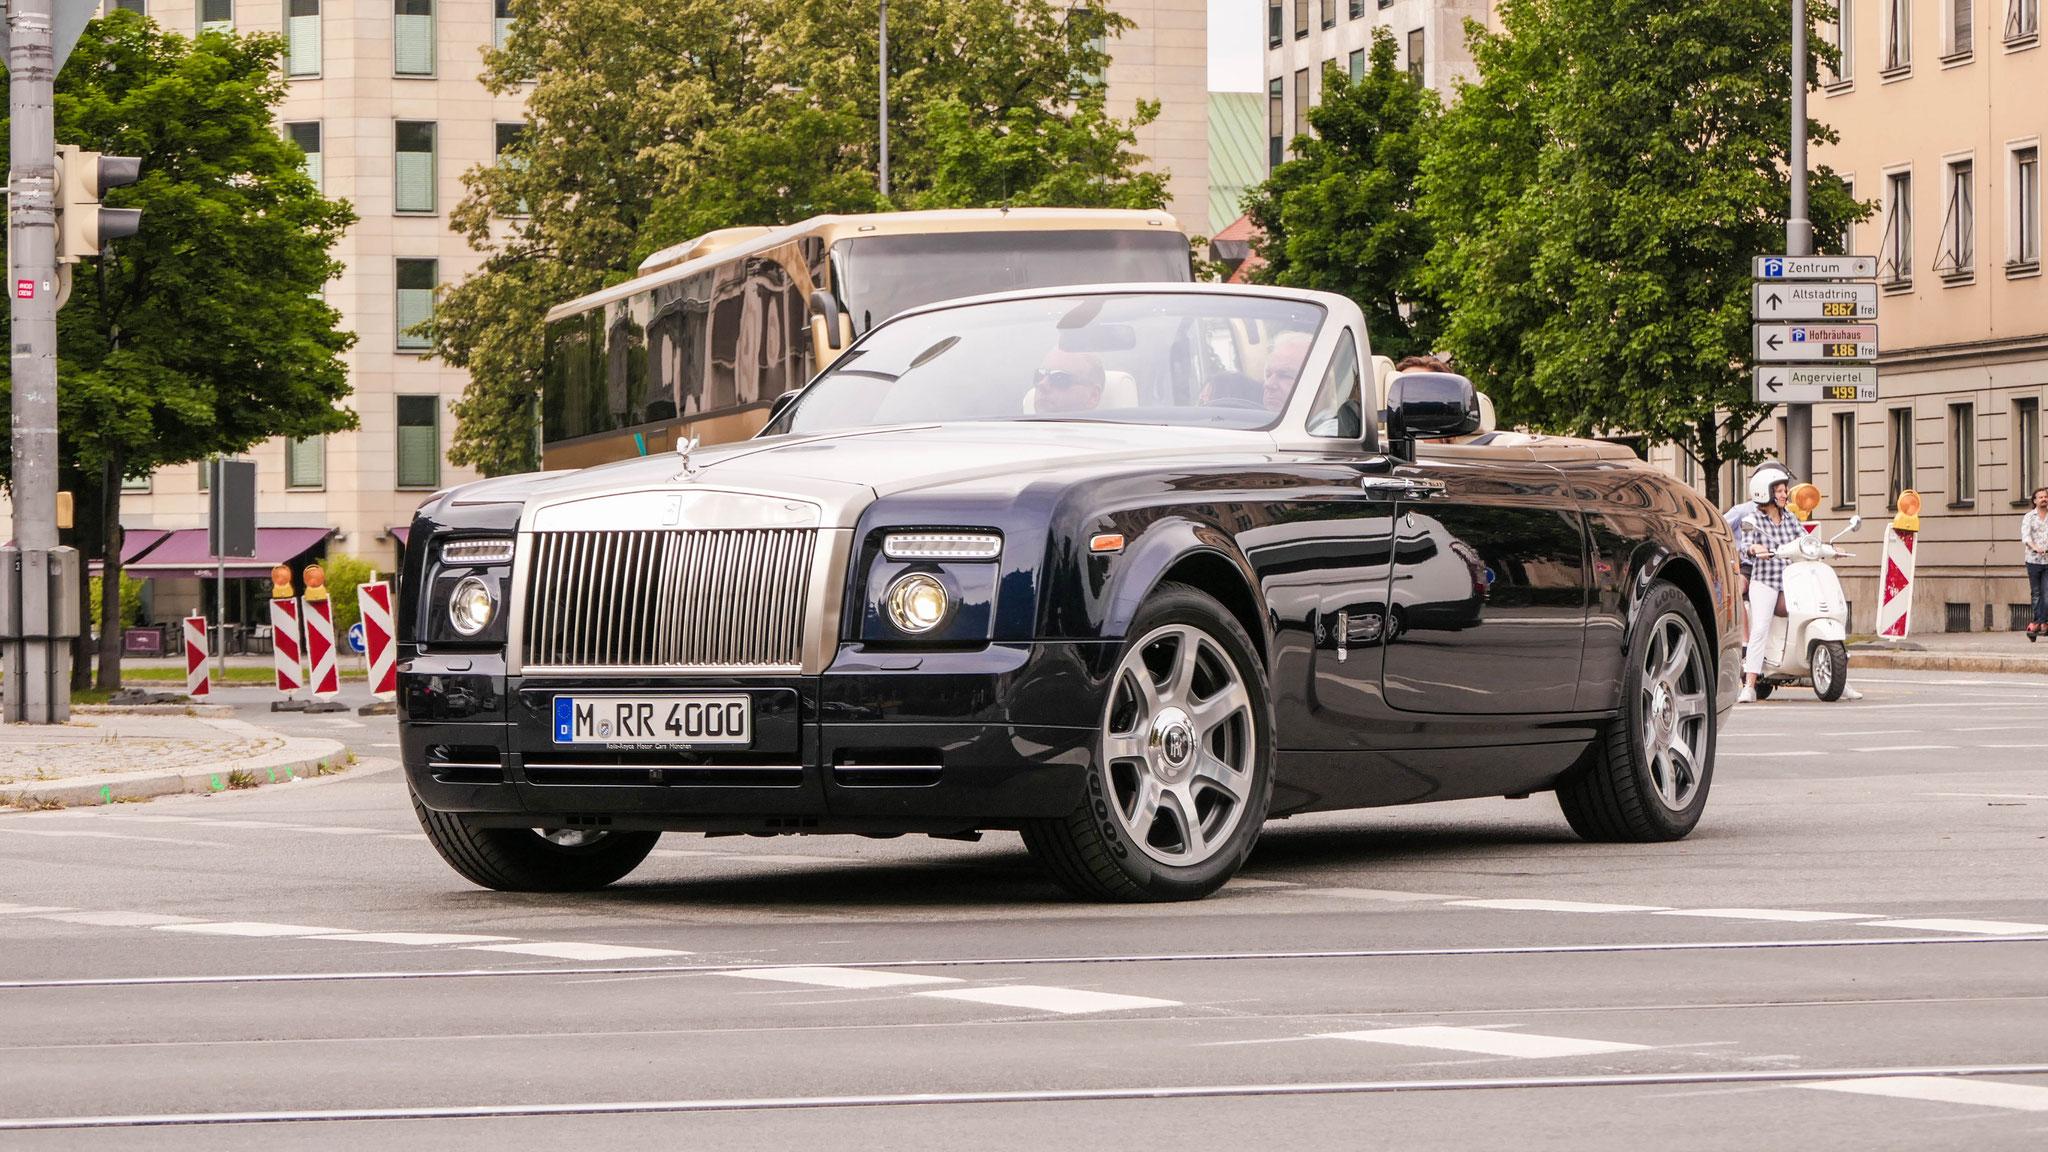 Rolls Royce Drophead - M-RR-4000